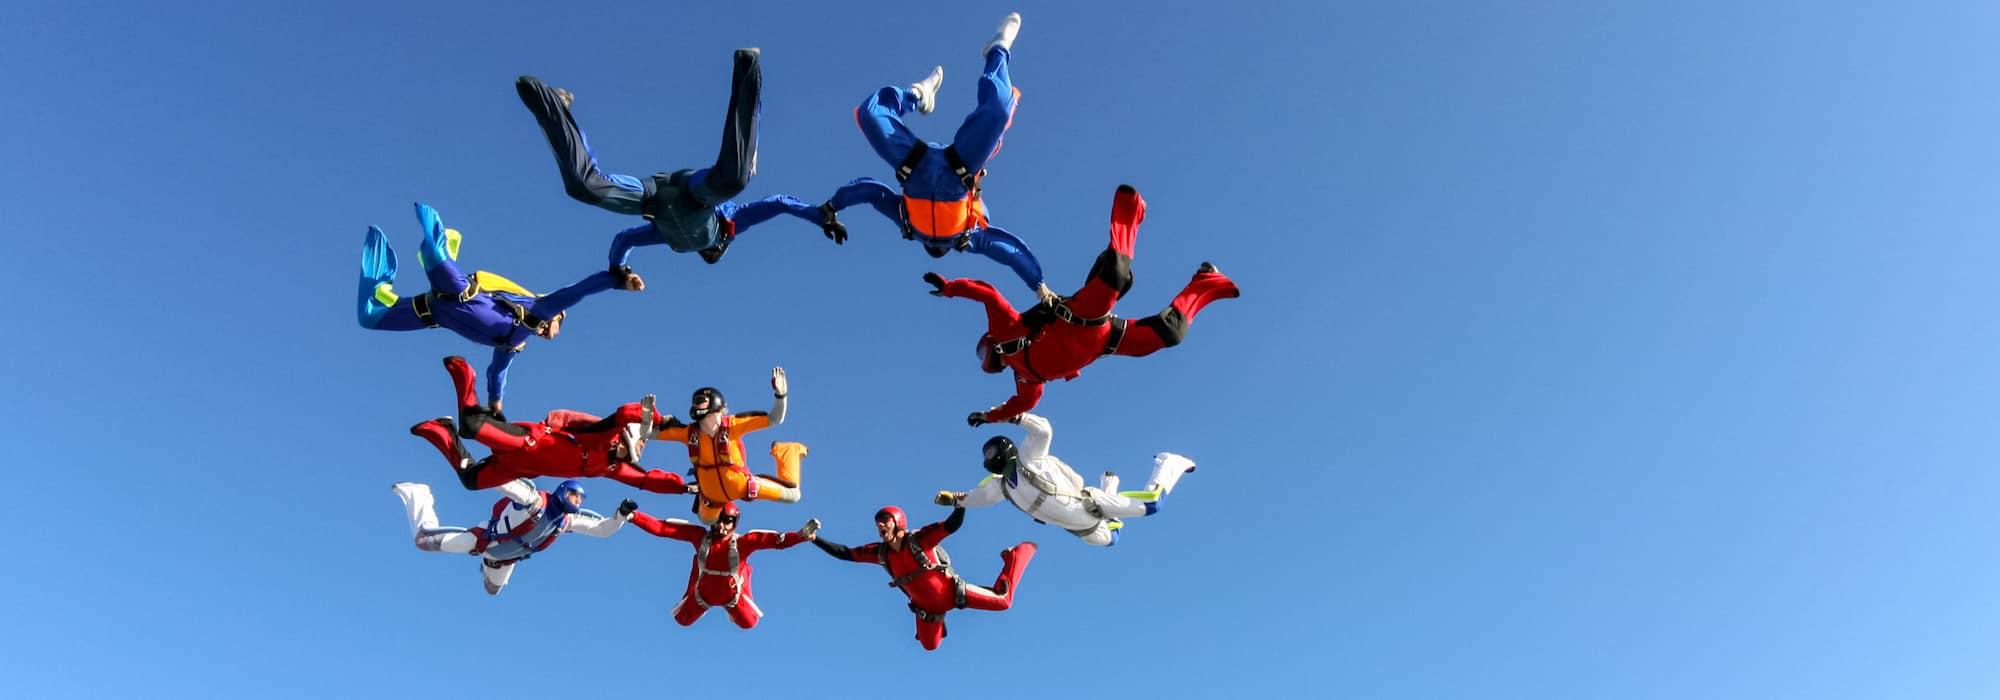 Groupe de parachutistes dans le ciel